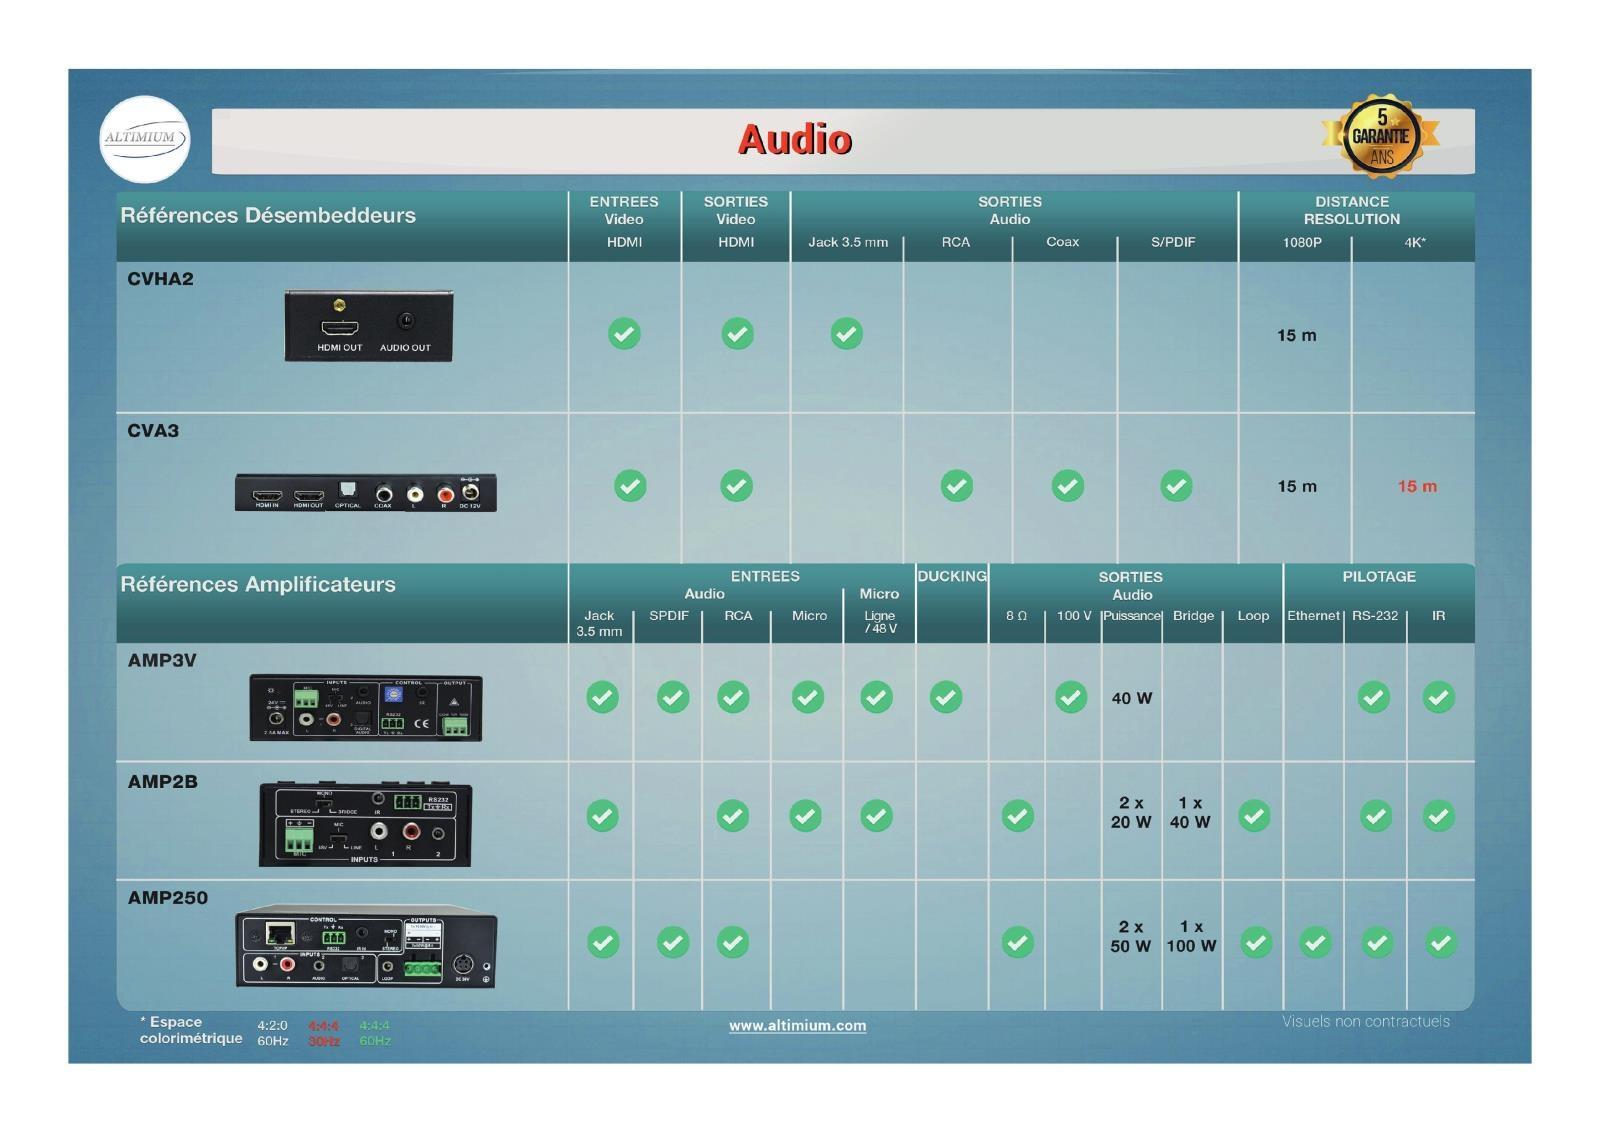 tableau comparaison Audio Altimium